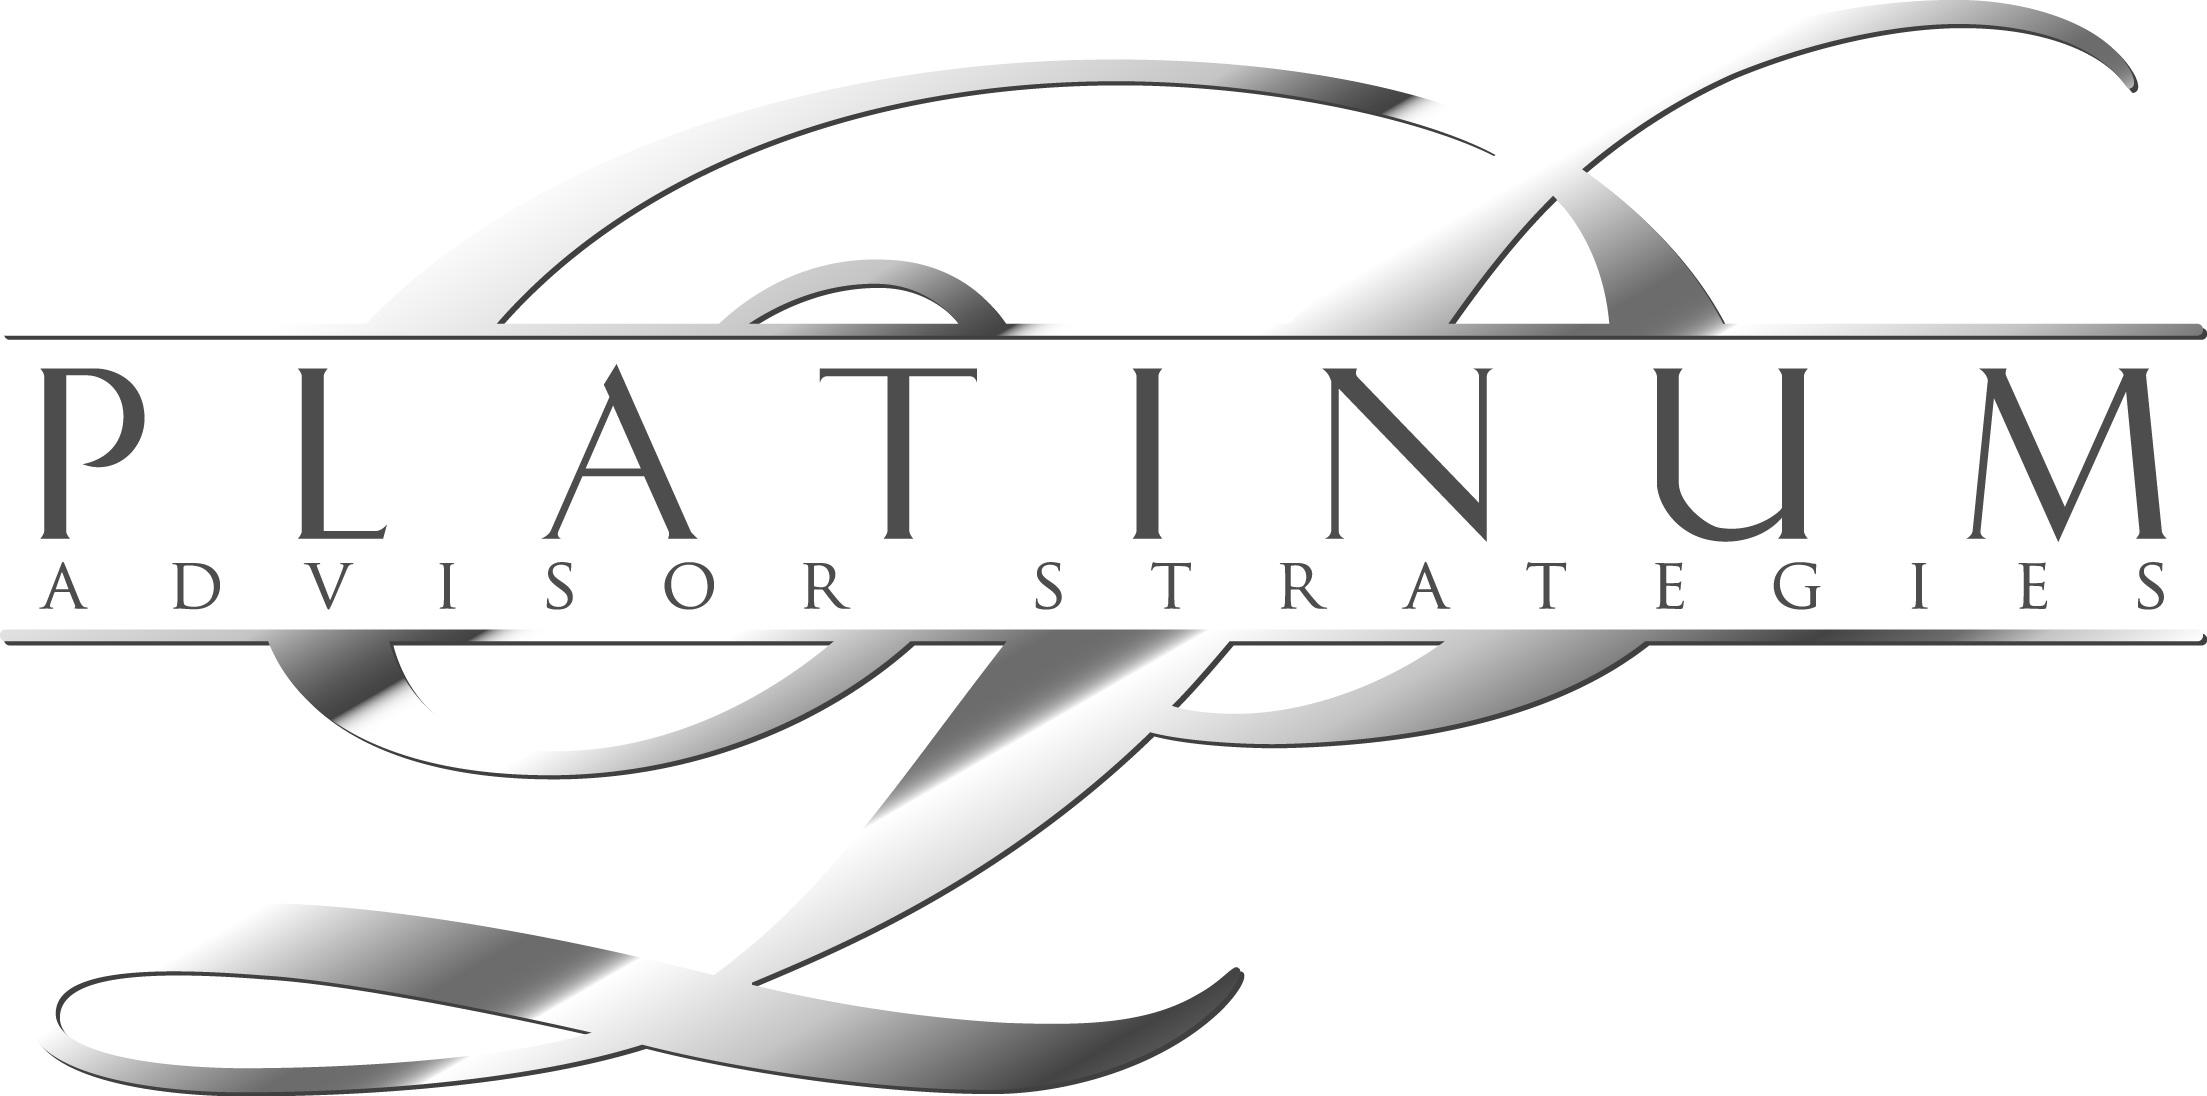 Platinum Advisor Strategies